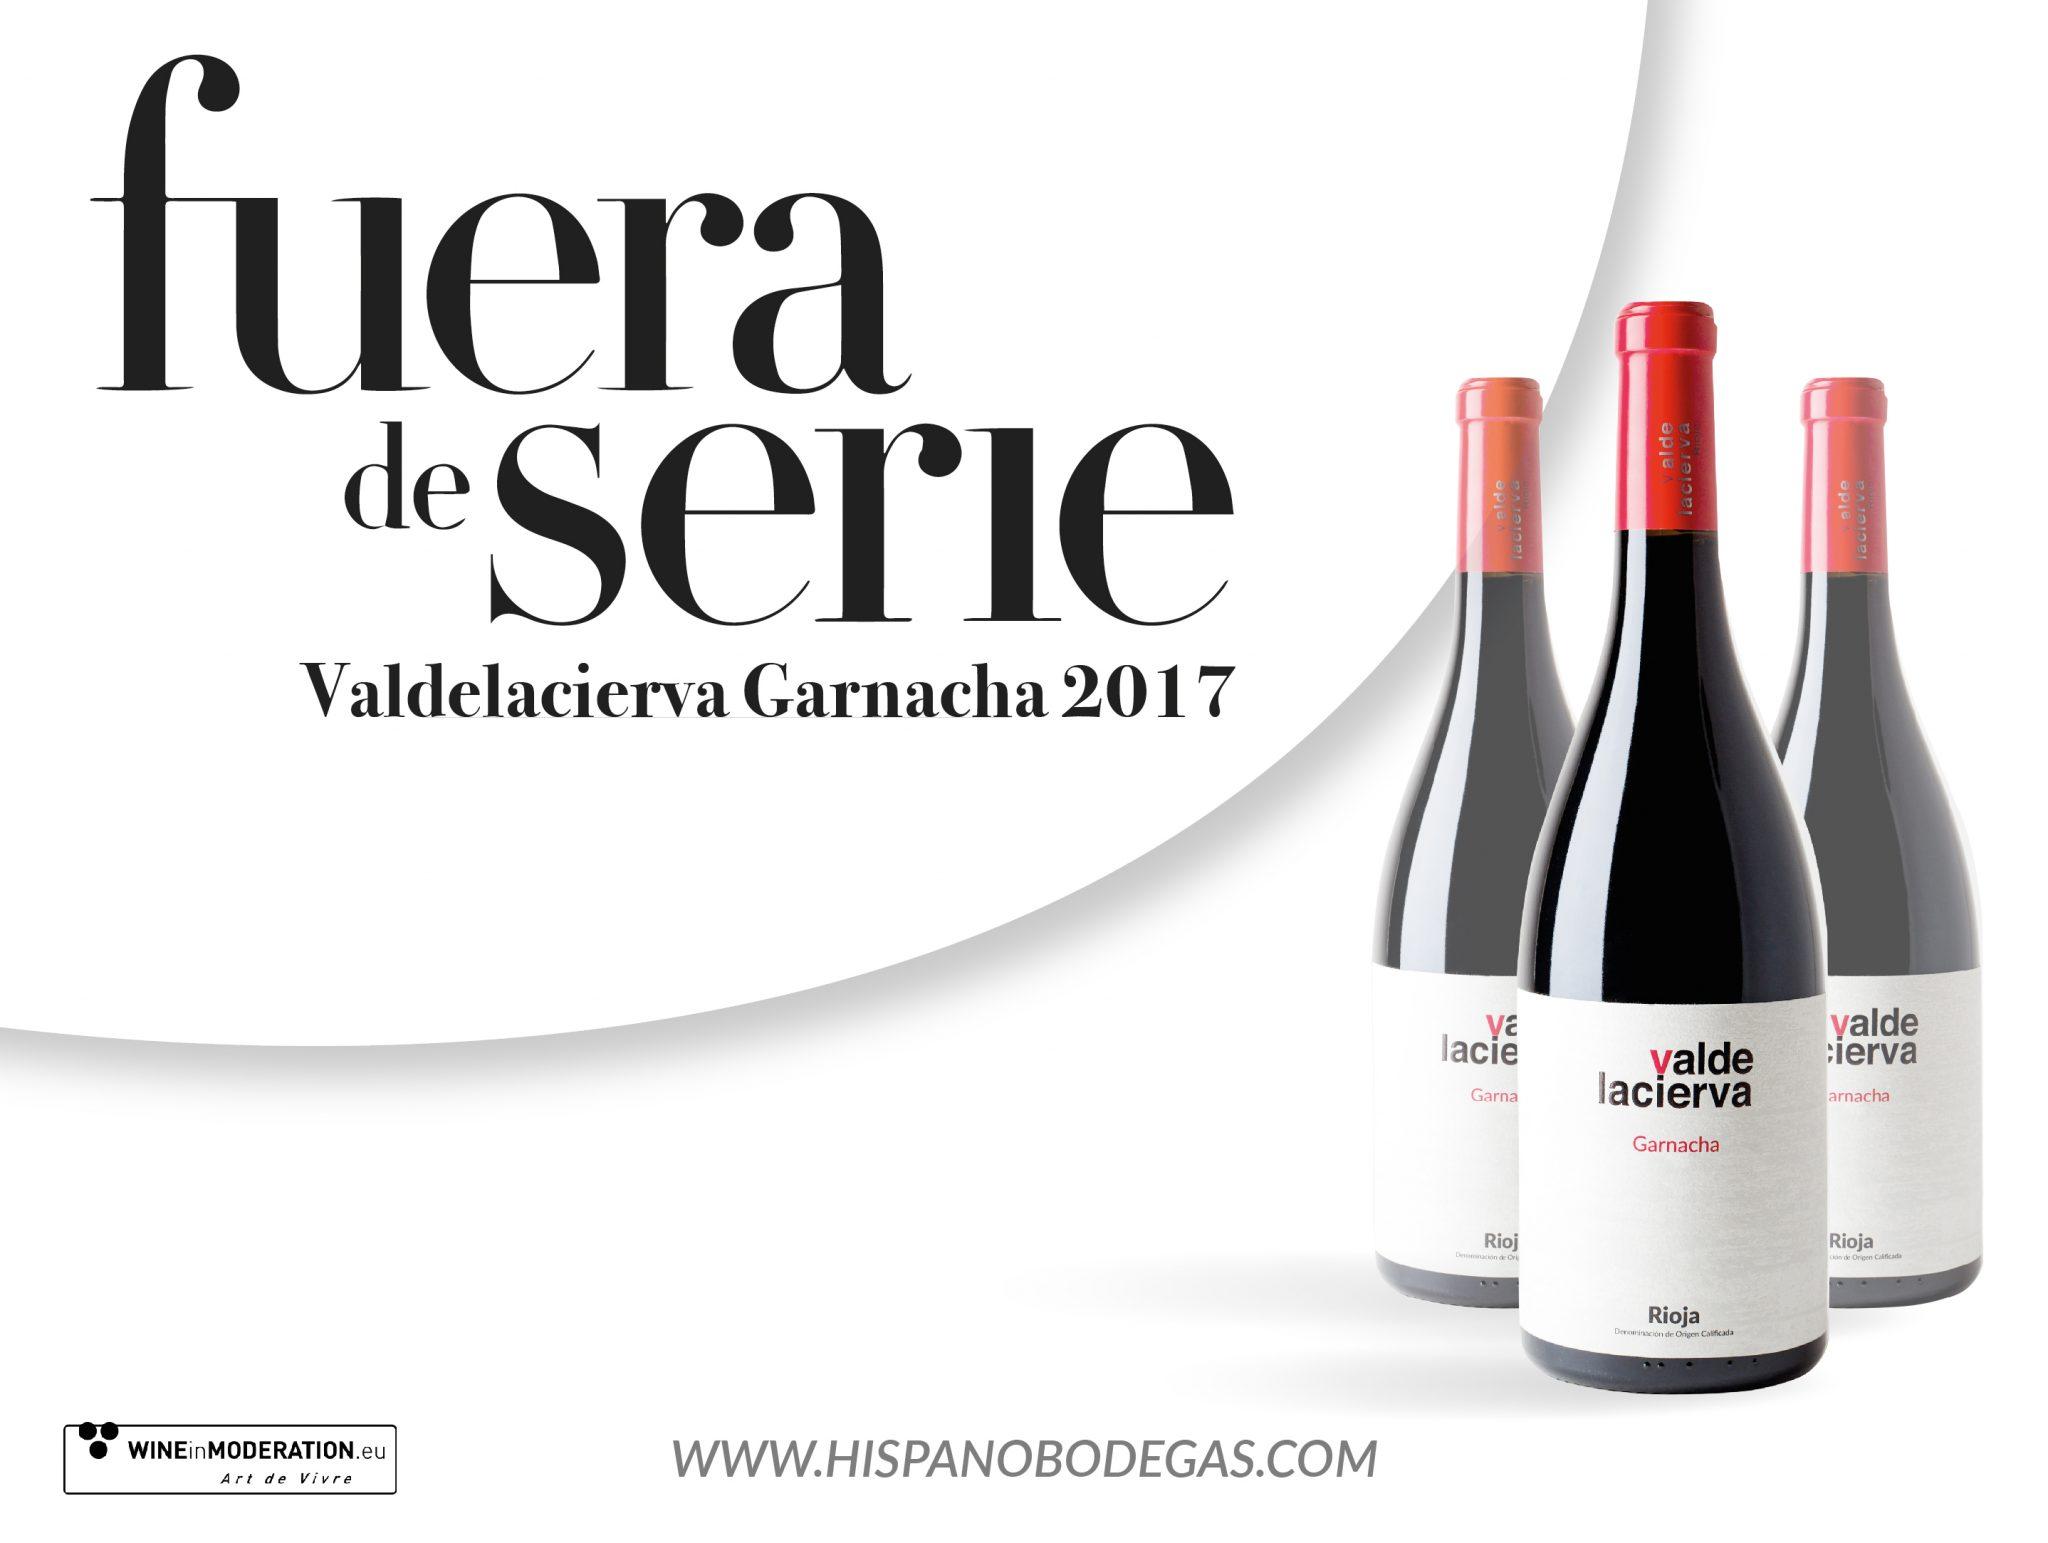 Valdelacierva Garnacha- Fuera de Serie